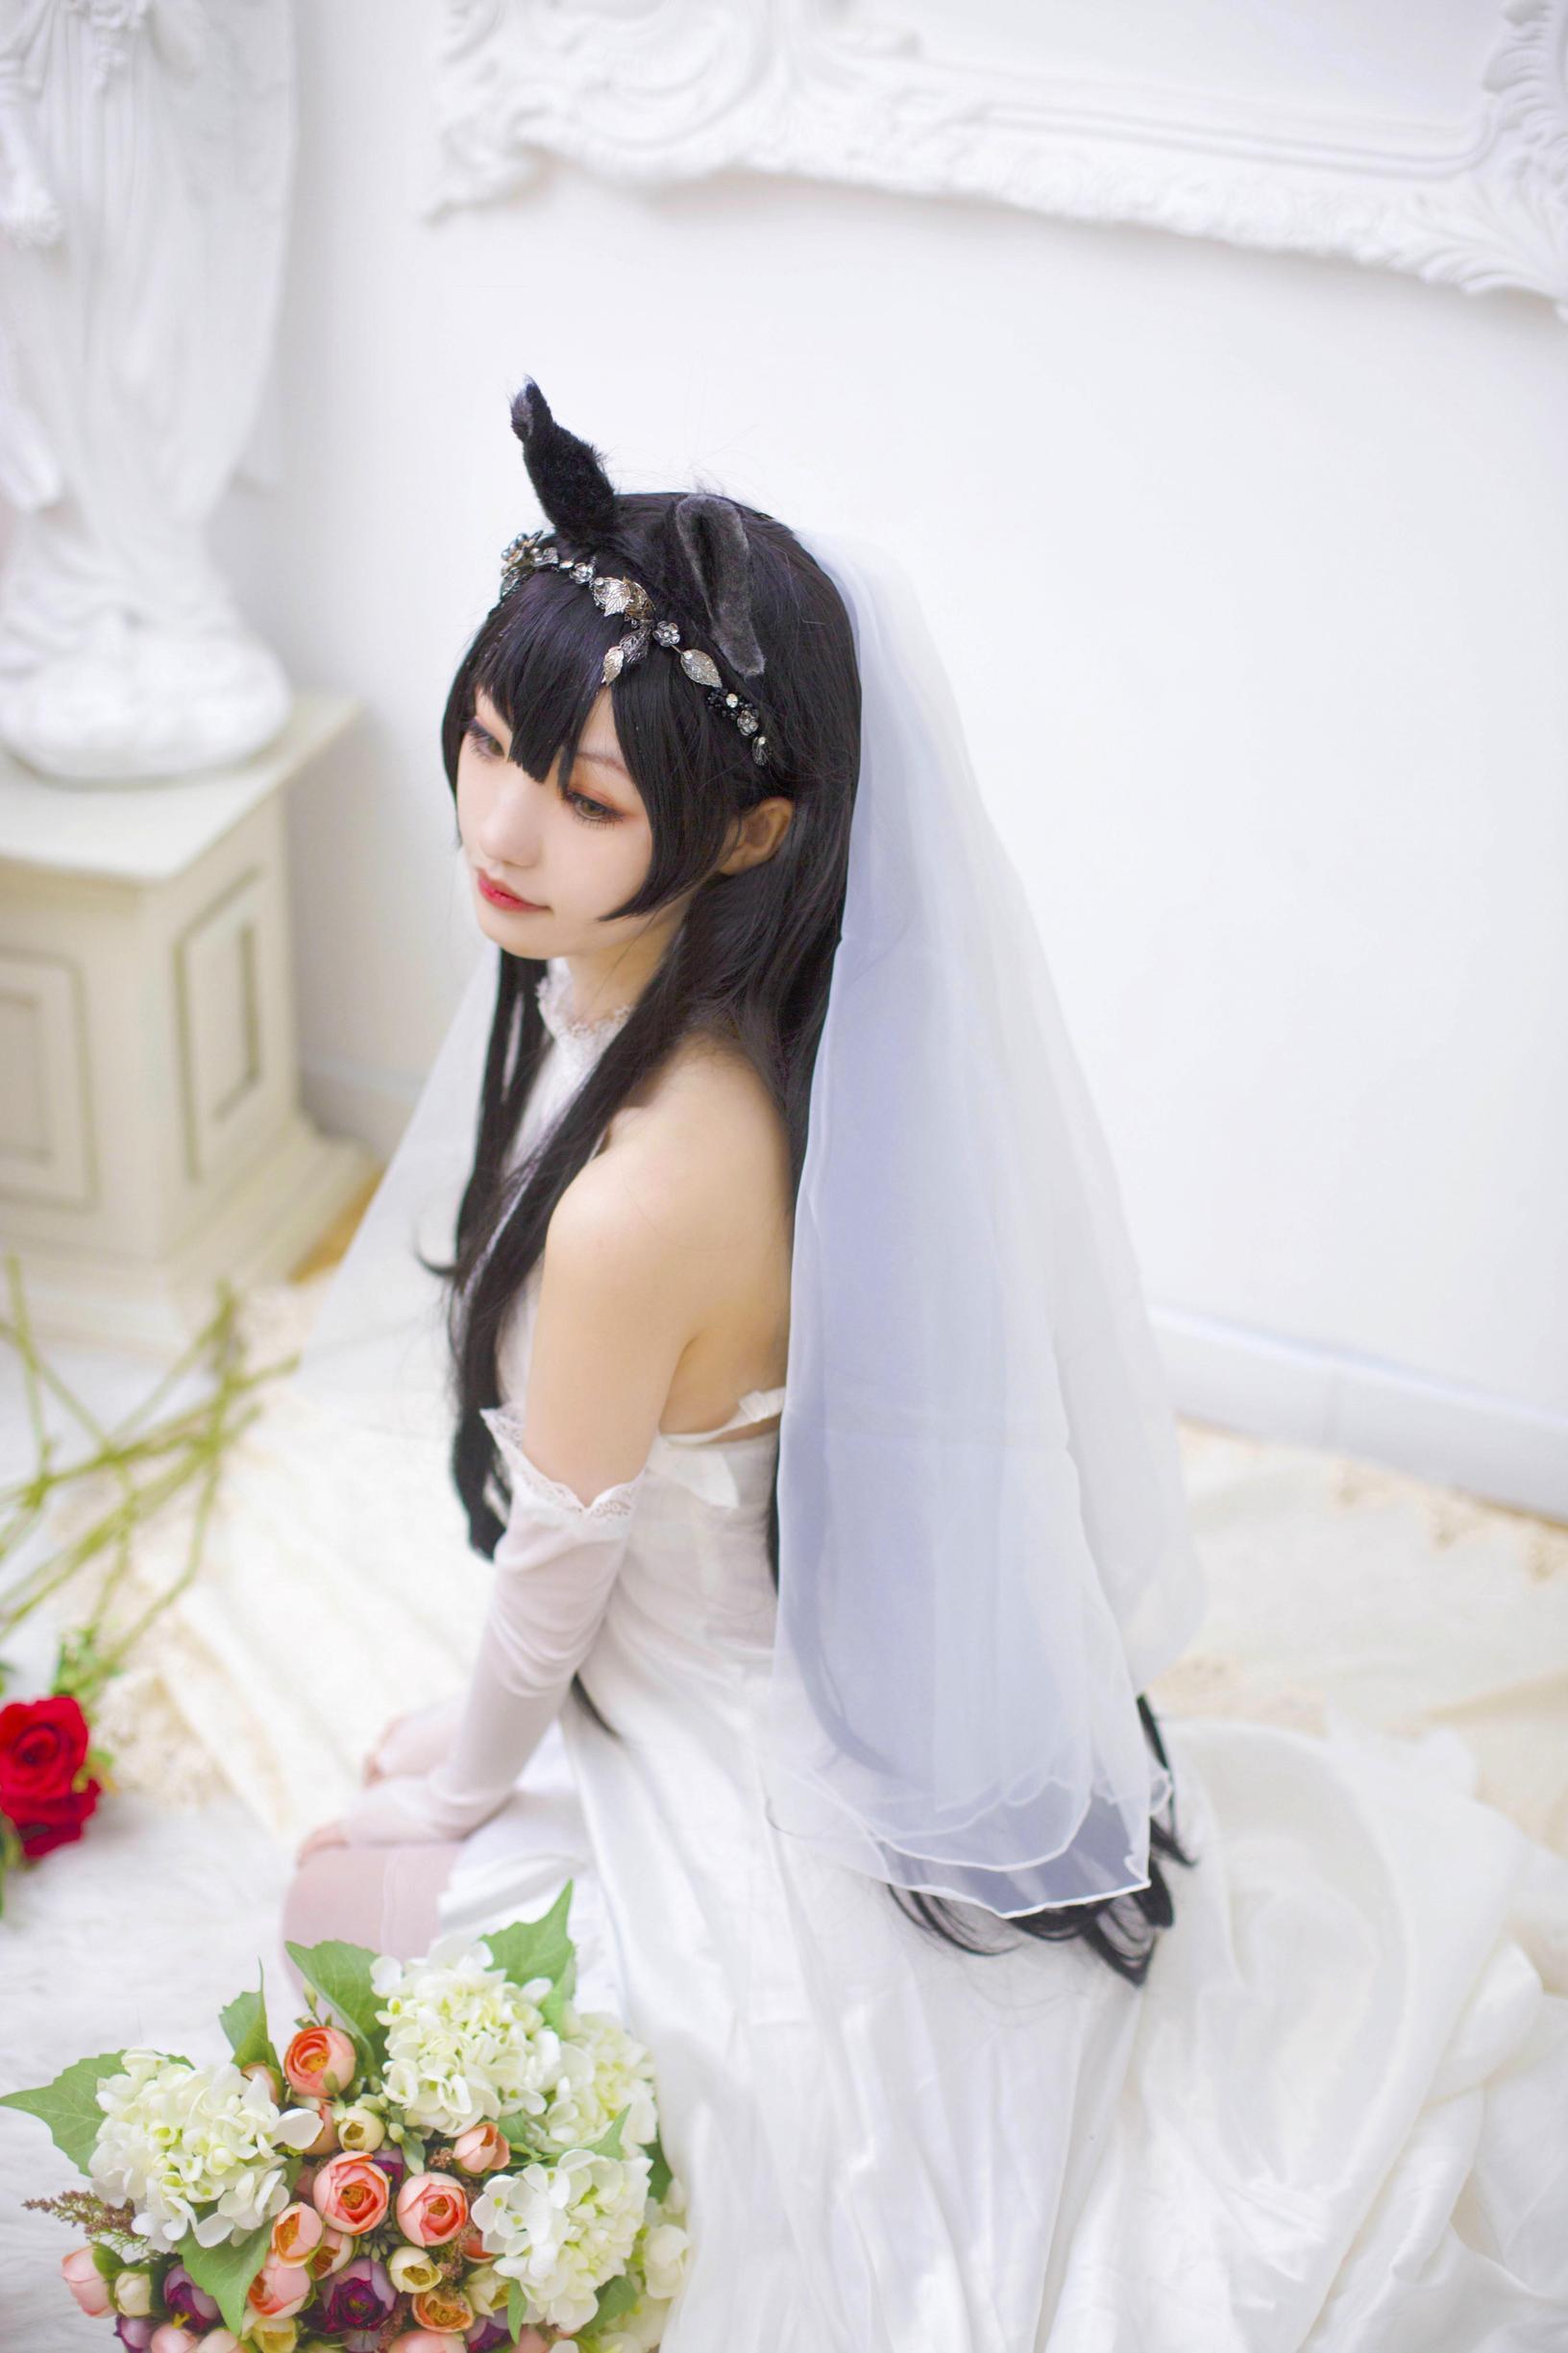 《碧蓝航线》正片cosplay【CN:宇宙不明蓝樱音w】-第13张